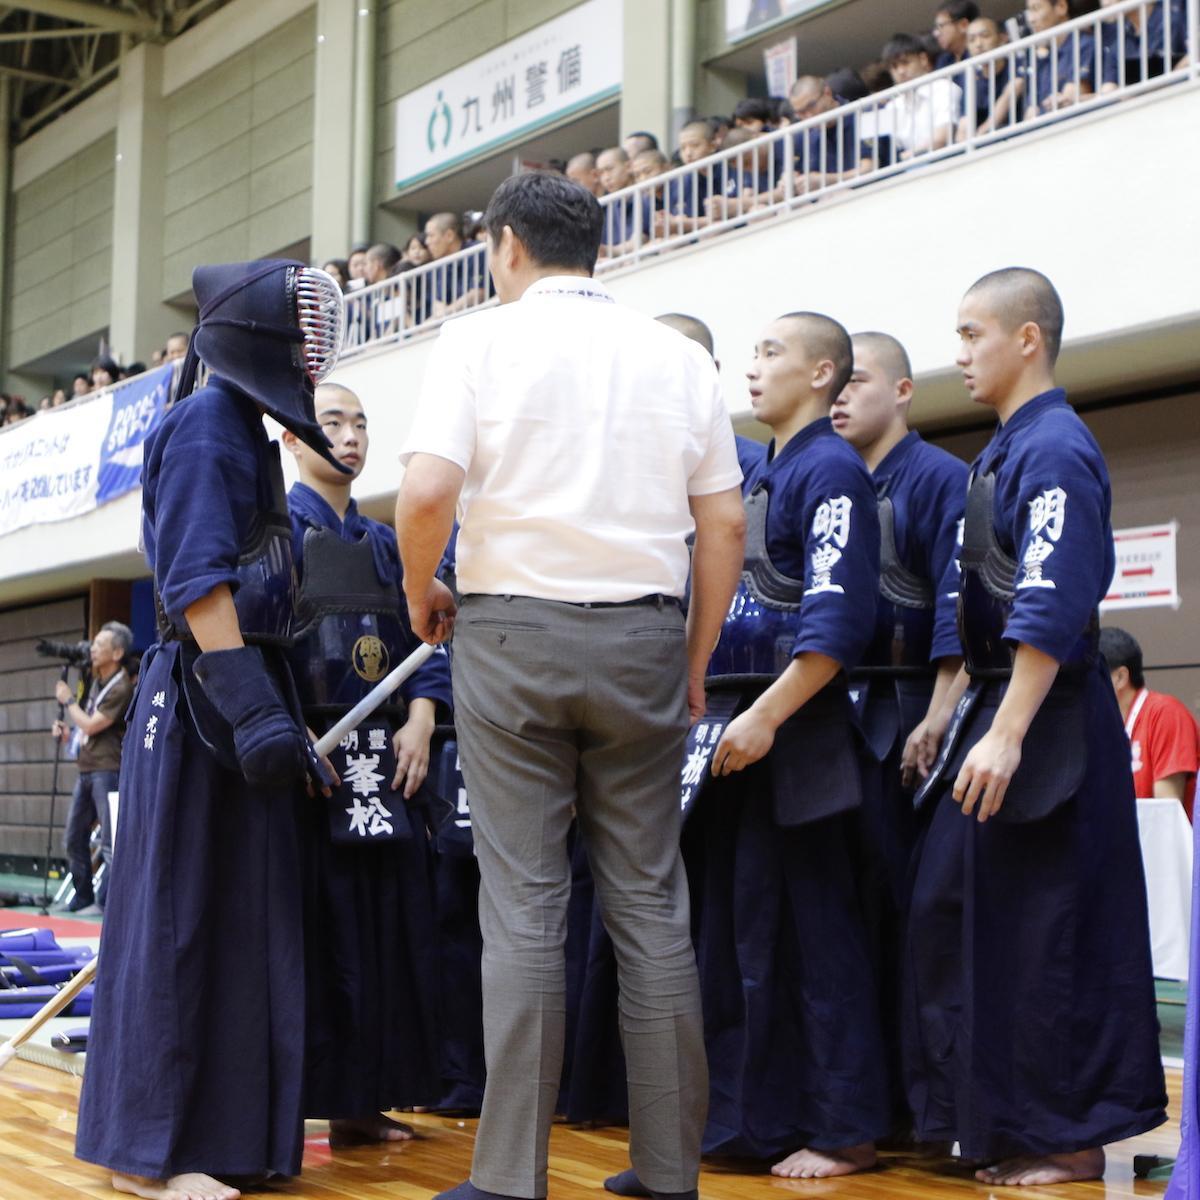 剣道 インターハイ 2019 高校